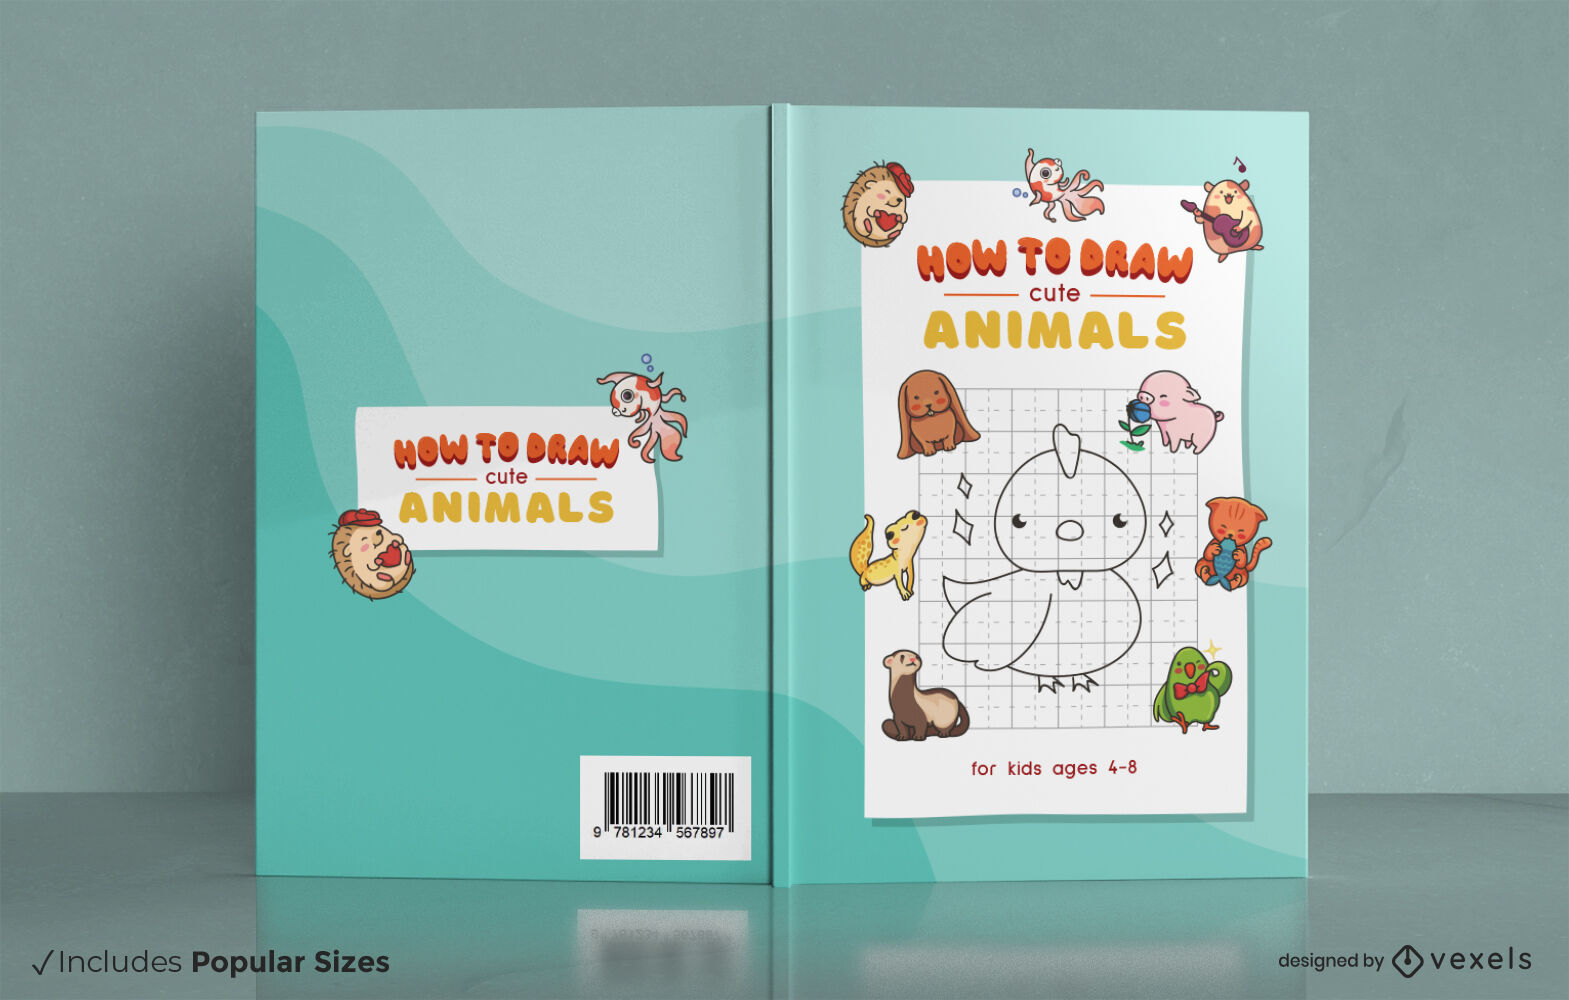 Diseño de portada de libro de dibujo de animales